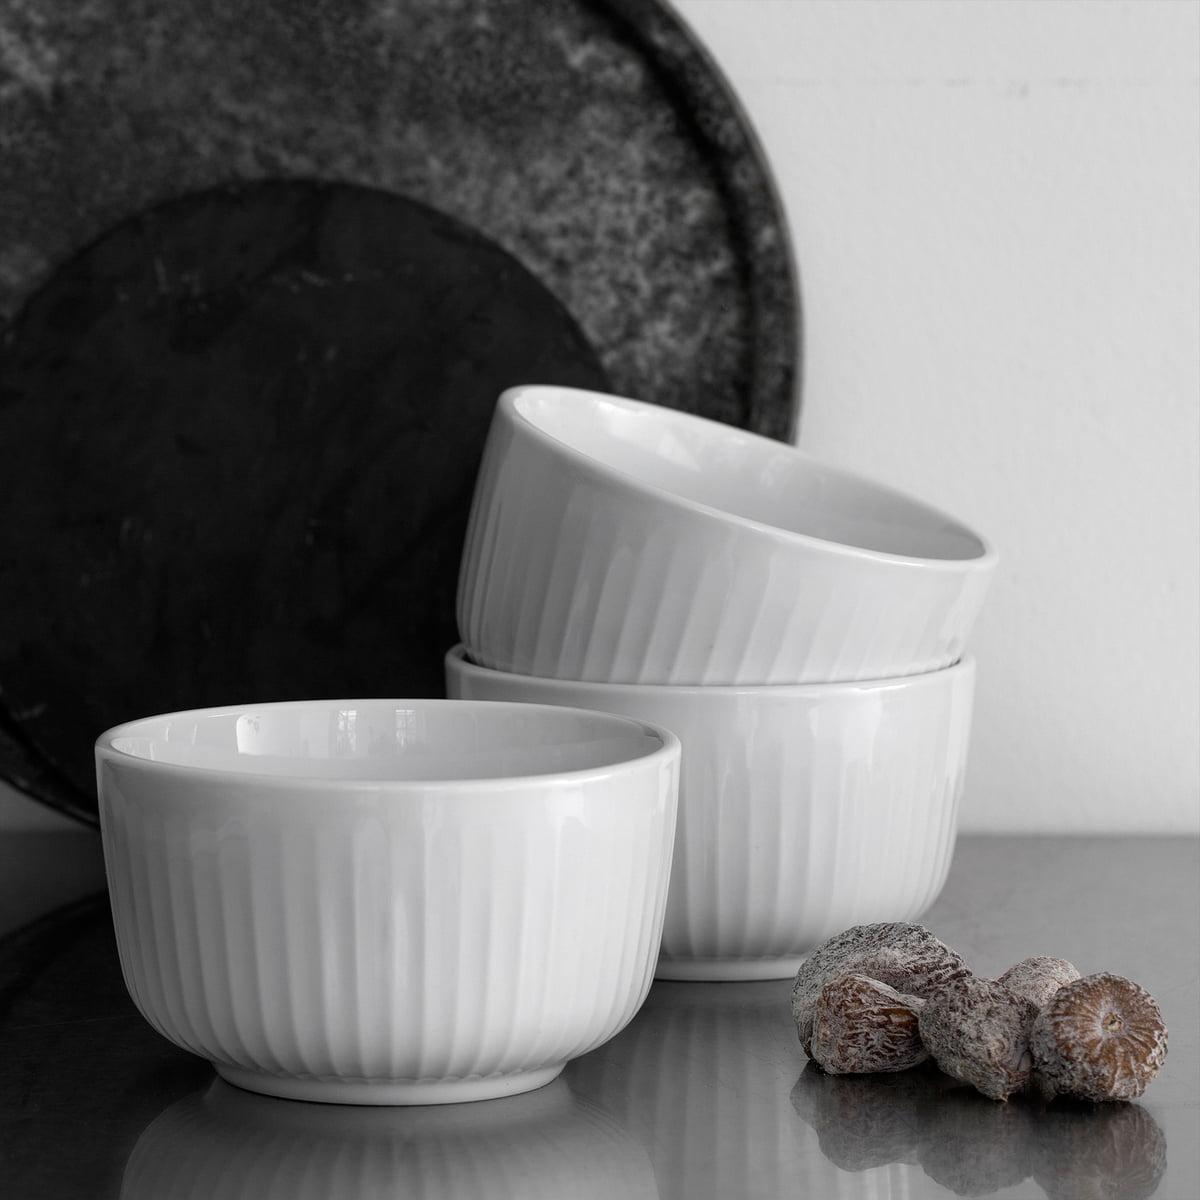 vaisselle design scandinave voir plus dupingles sur. Black Bedroom Furniture Sets. Home Design Ideas